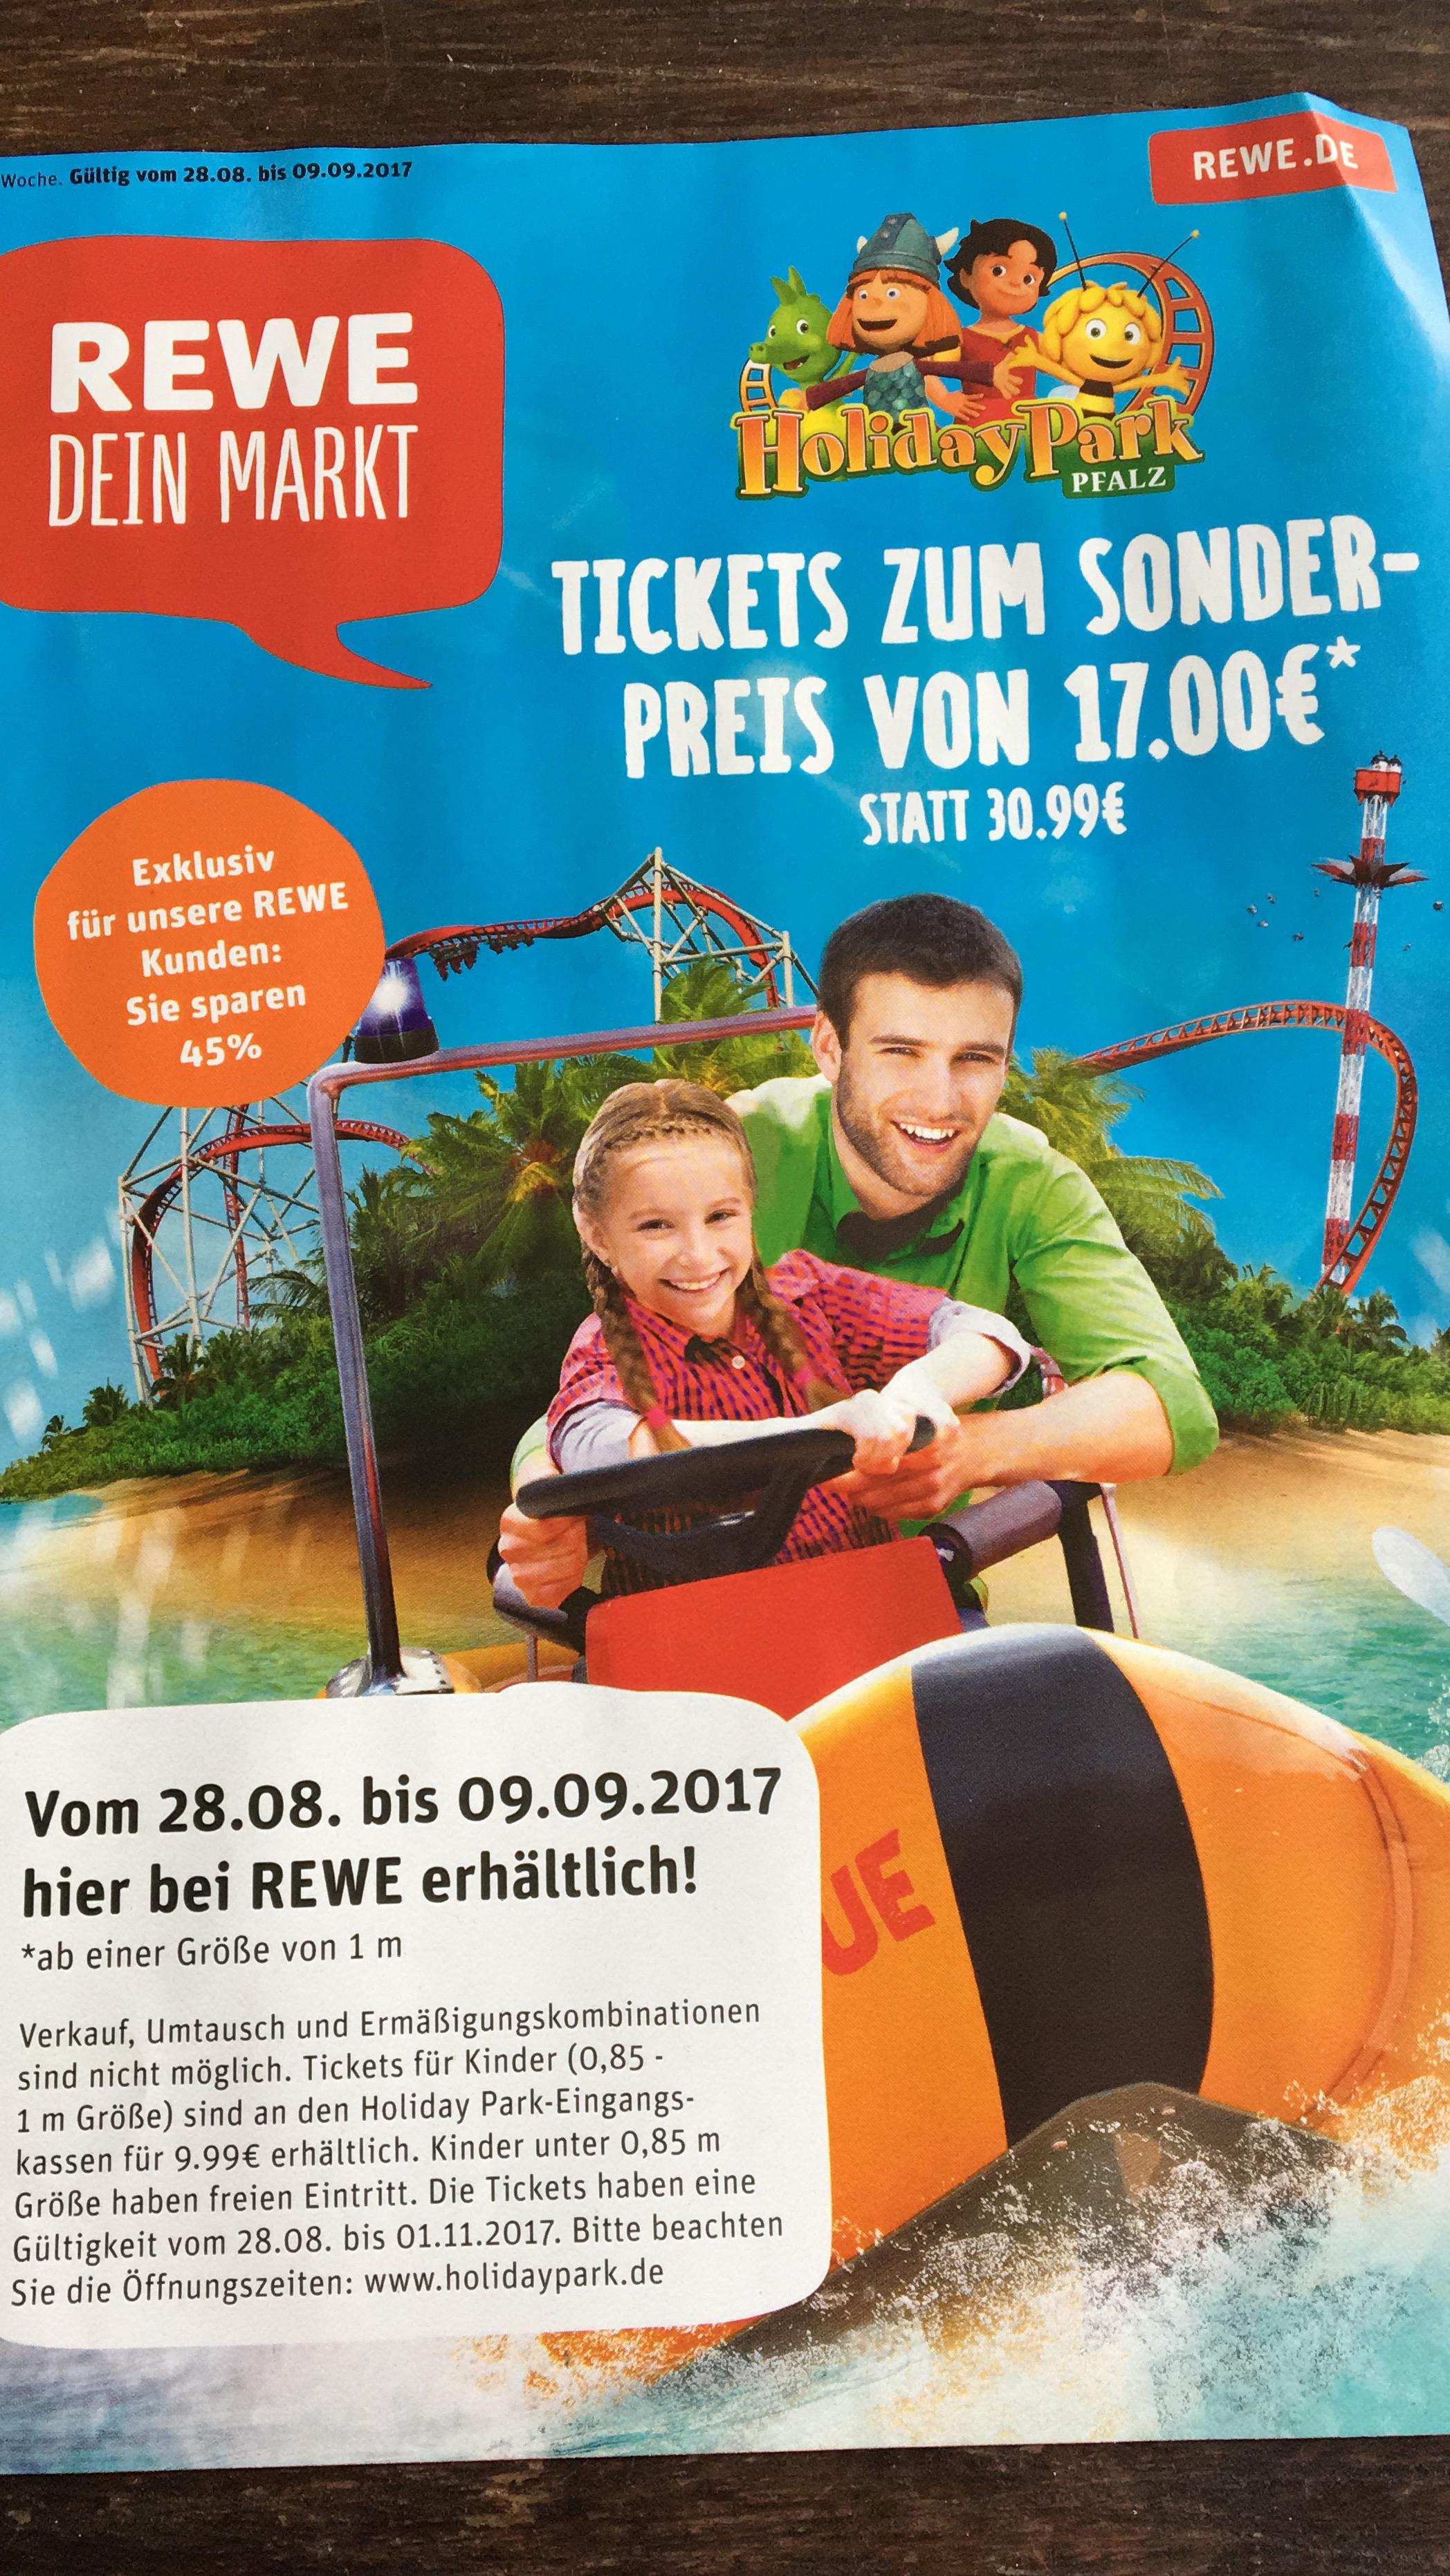 [REWE] HolidayPark Hassloch 17€ statt mind 29€ vom 28.8 bis 1.11